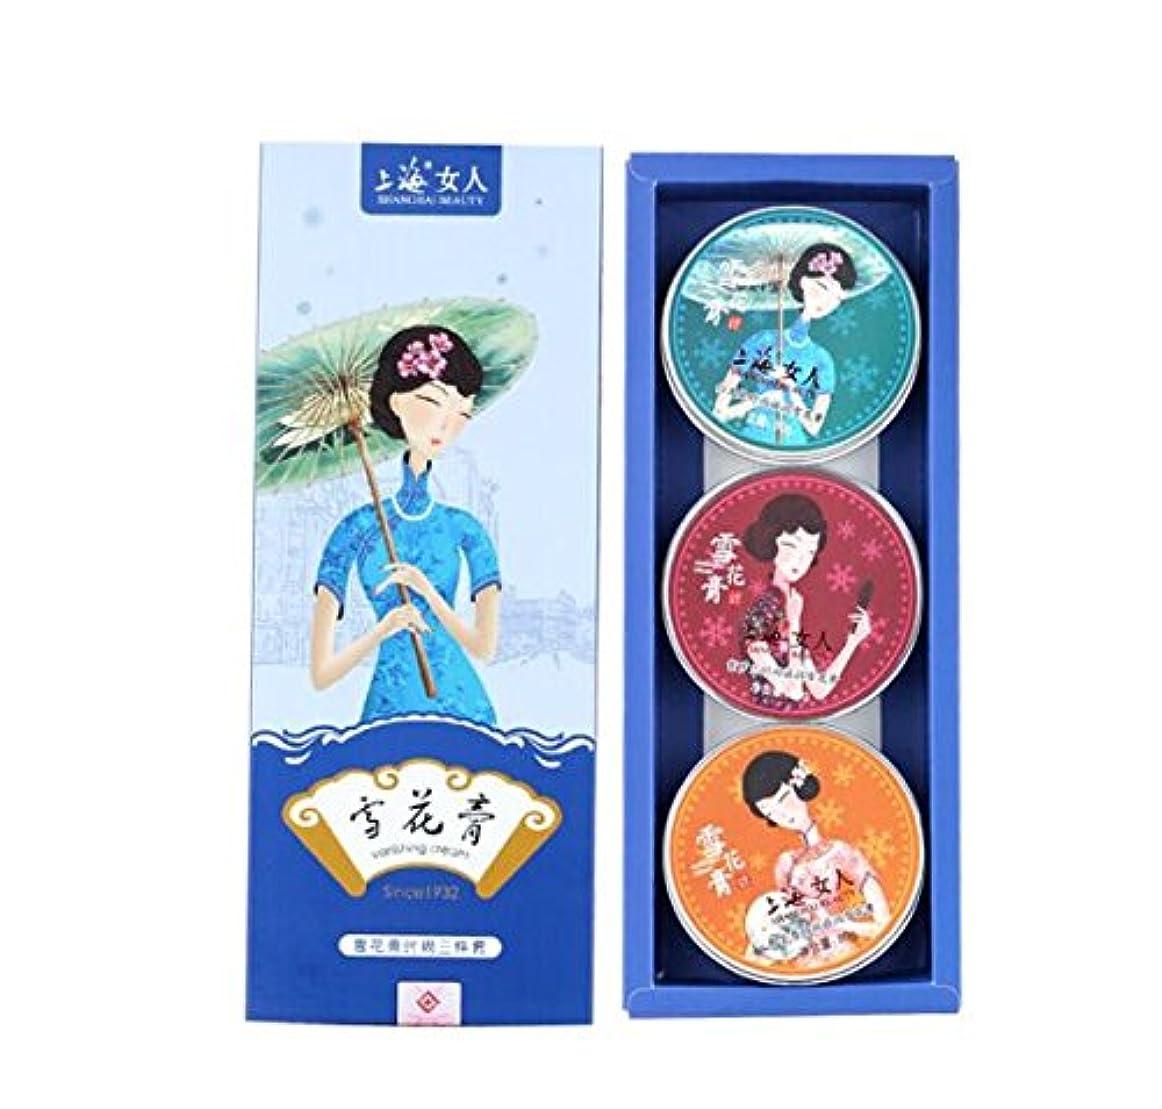 いらいらさせる筋バズ[オピニオン]中国製の化粧品上海の女性80g*3